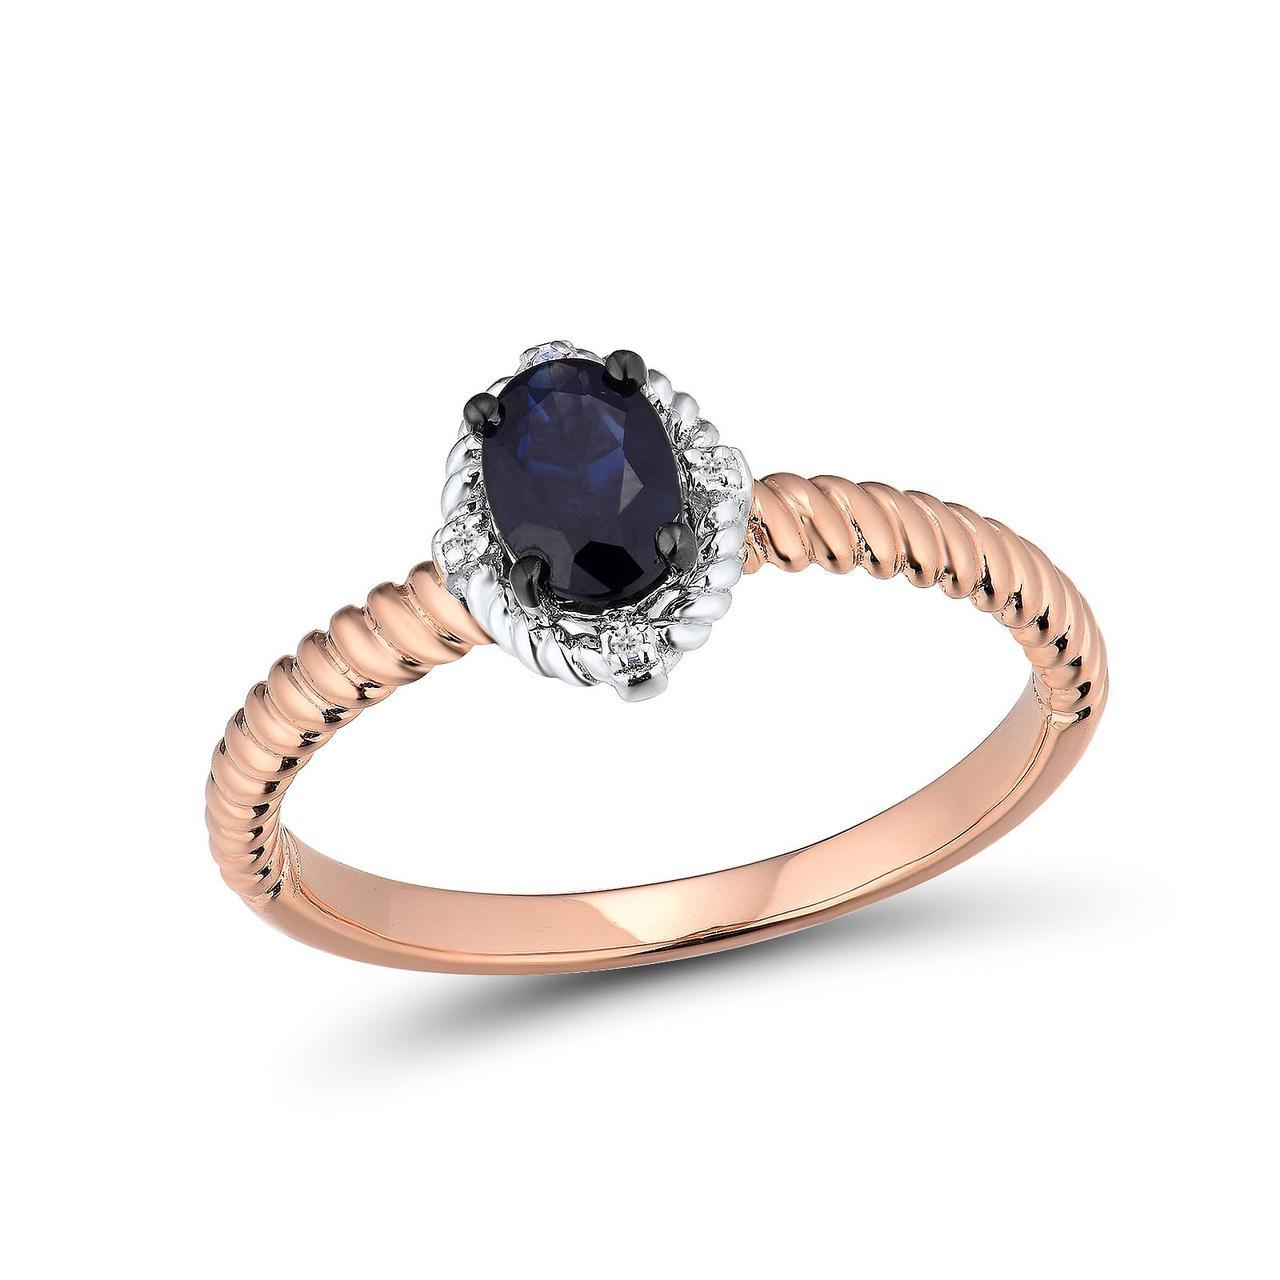 Золотое кольцо с бриллиантами и сапфиром, размер 16 (1681417)